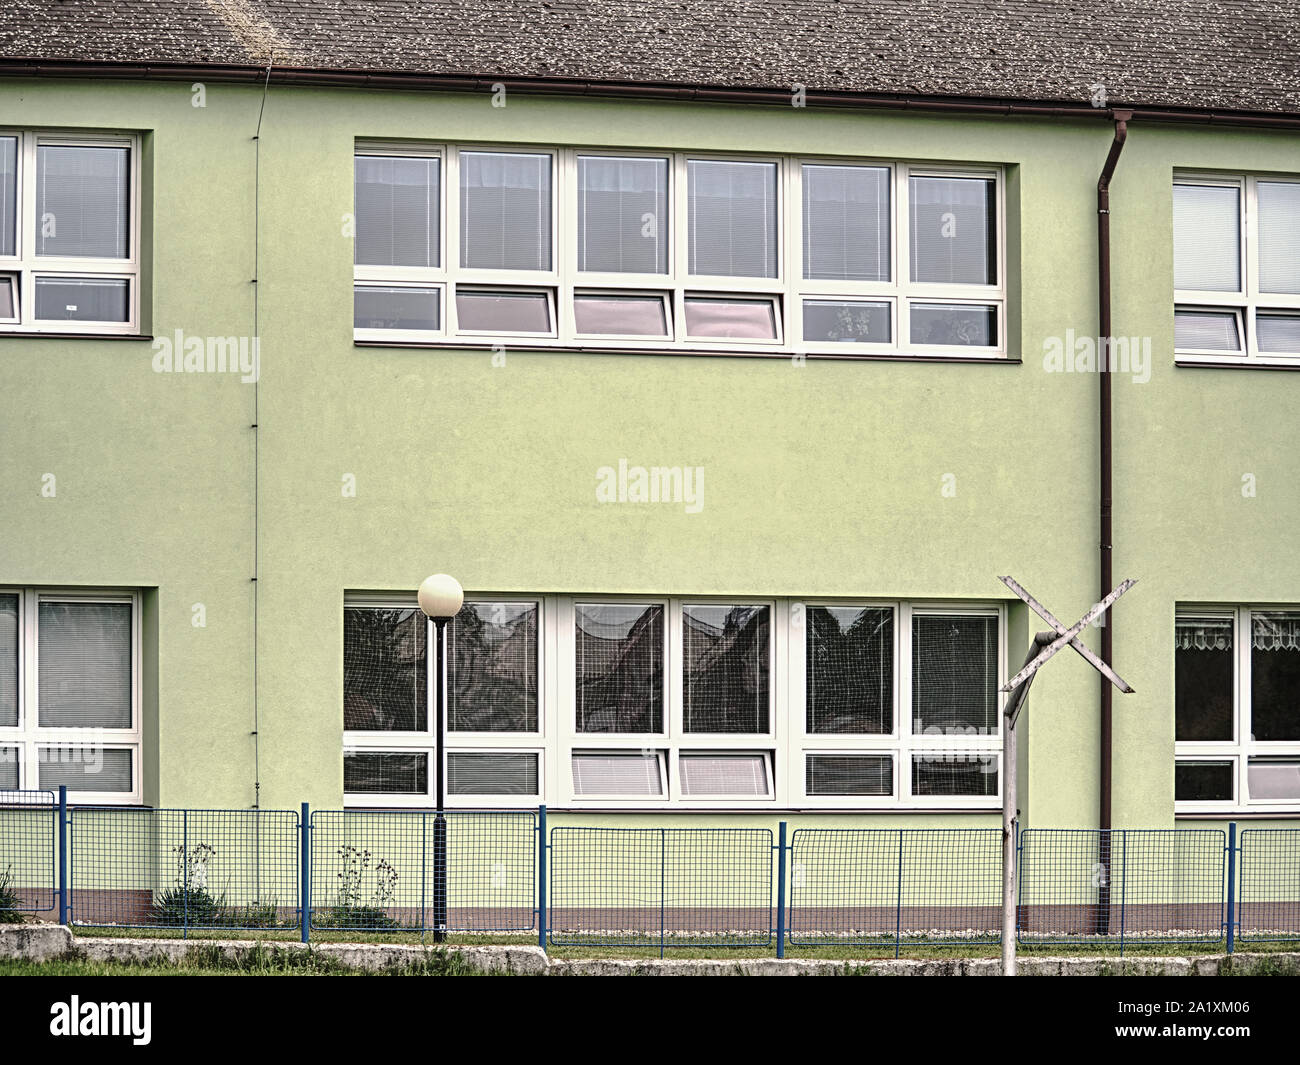 Gartenmauer Wohnungen Stockfotos und bilder Kaufen Alamy